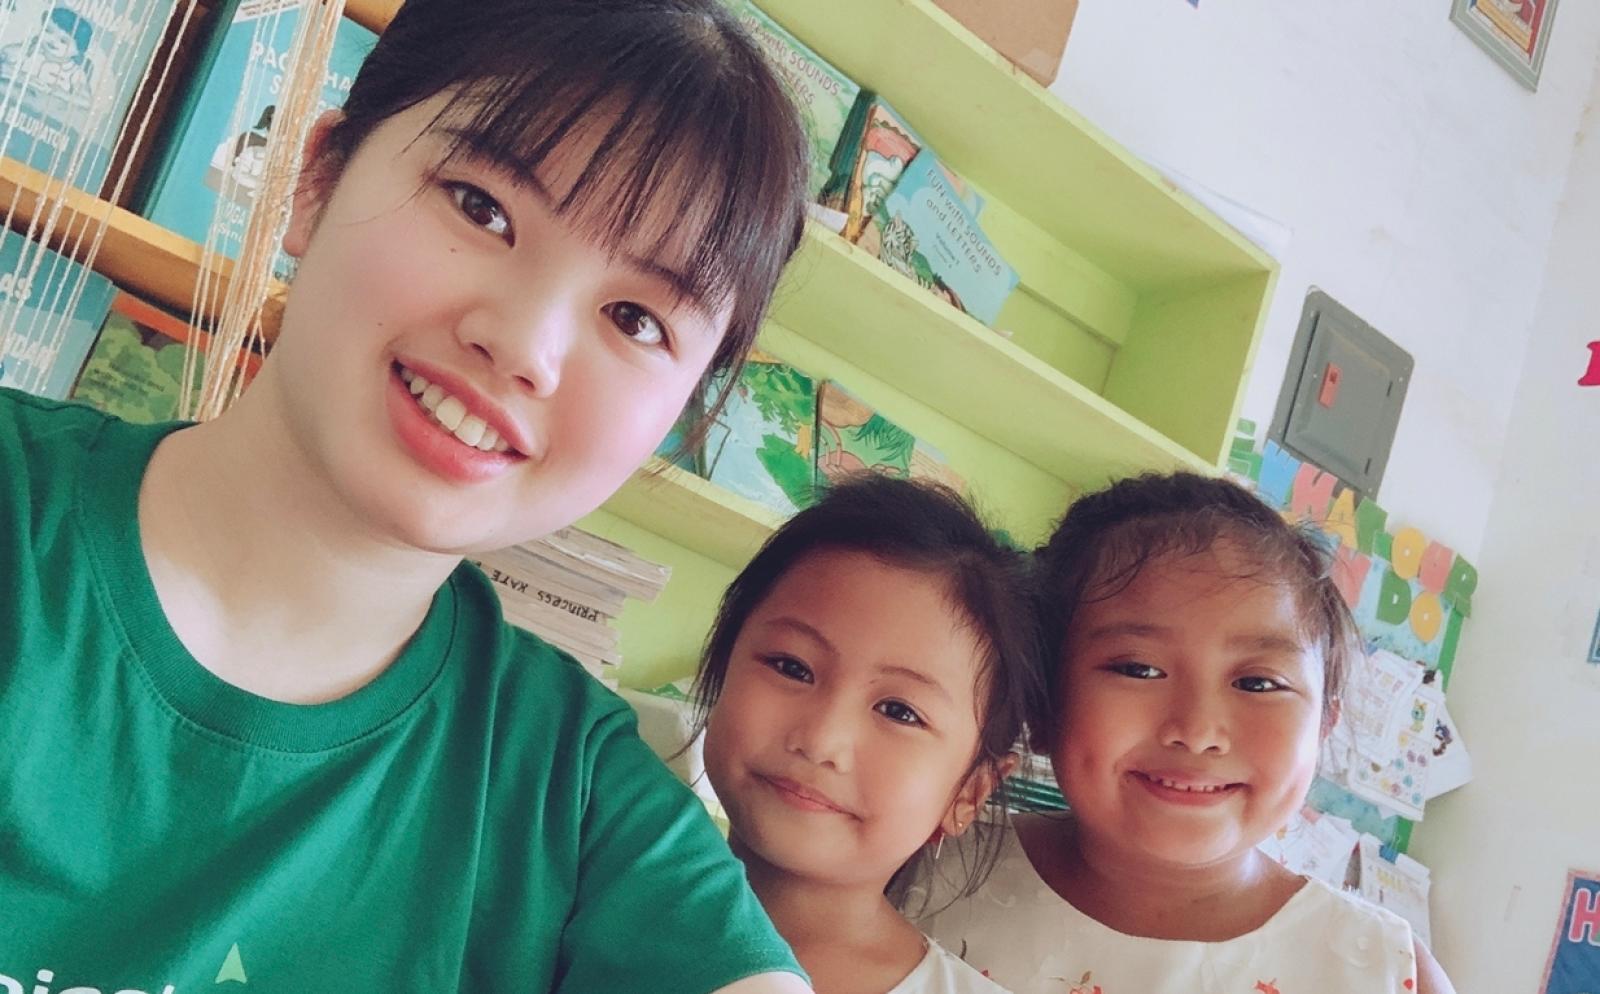 フィリピンでチャイルドケアボランティア中の川尻千夏さん